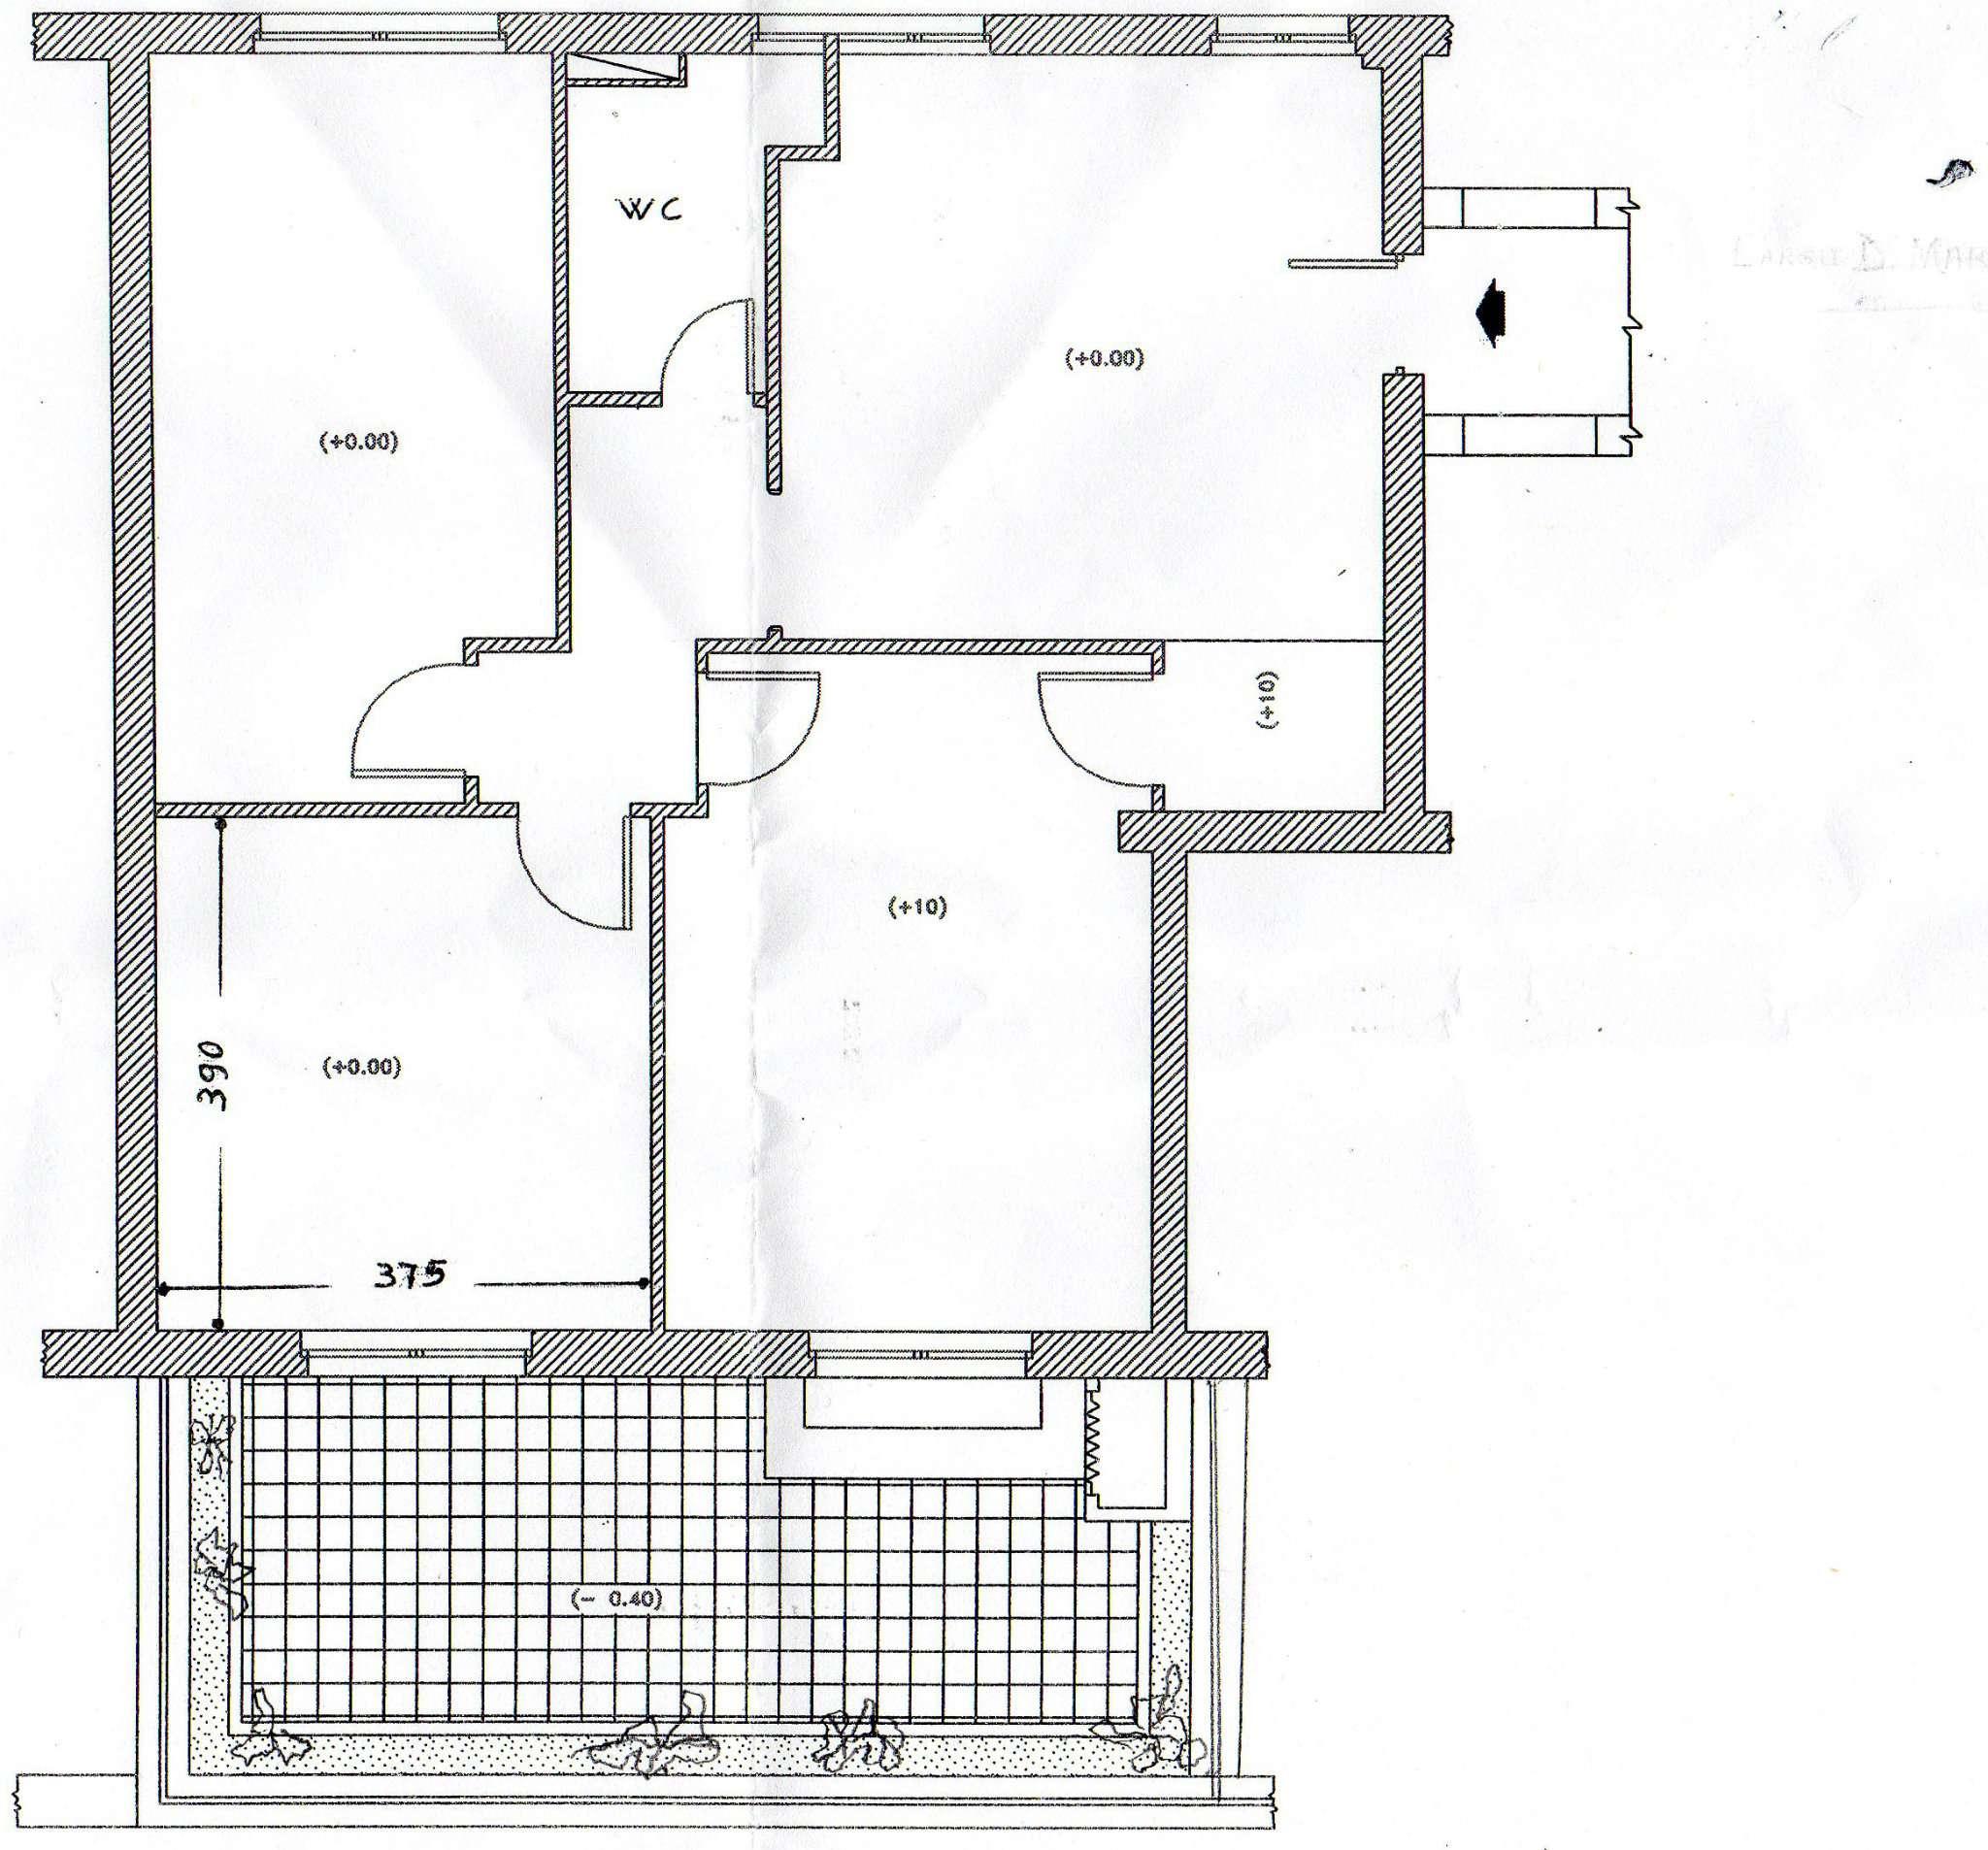 Cerco appartamento con cucina abitabile a napoli pag 33 - Cerco cucina usata napoli ...